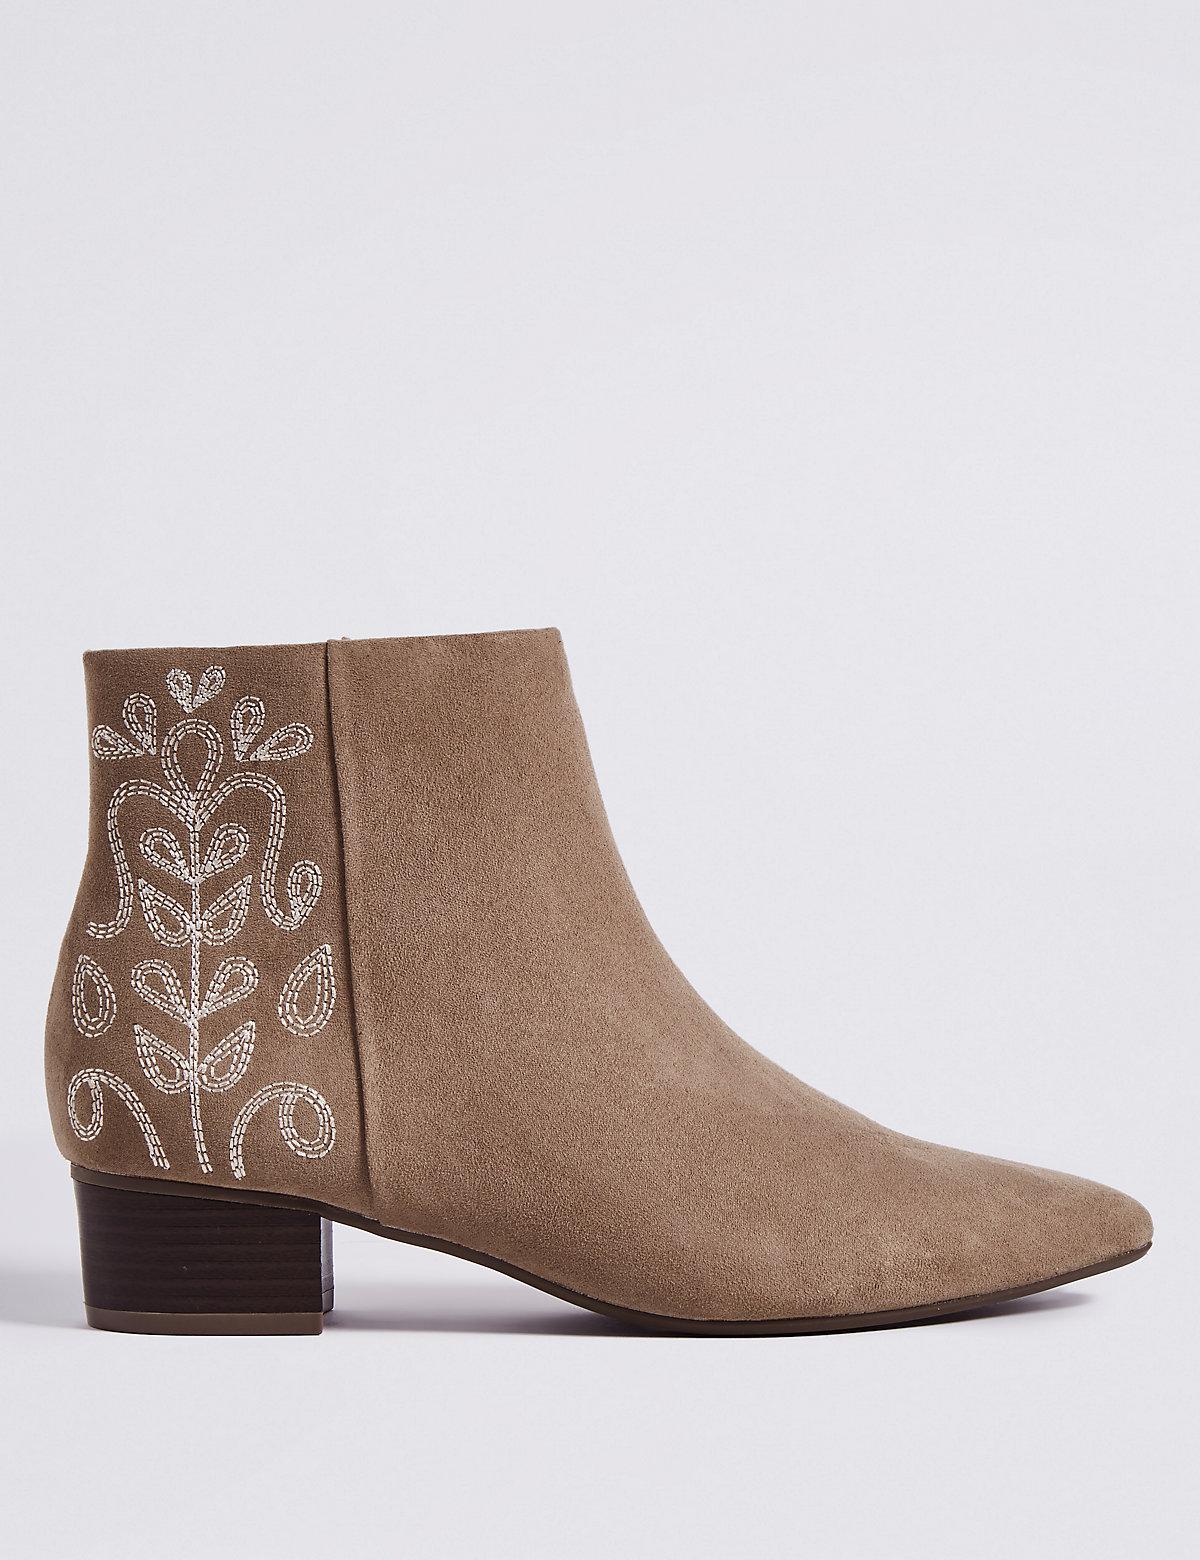 Ботинки на блочном каблуке украшены вышивкой